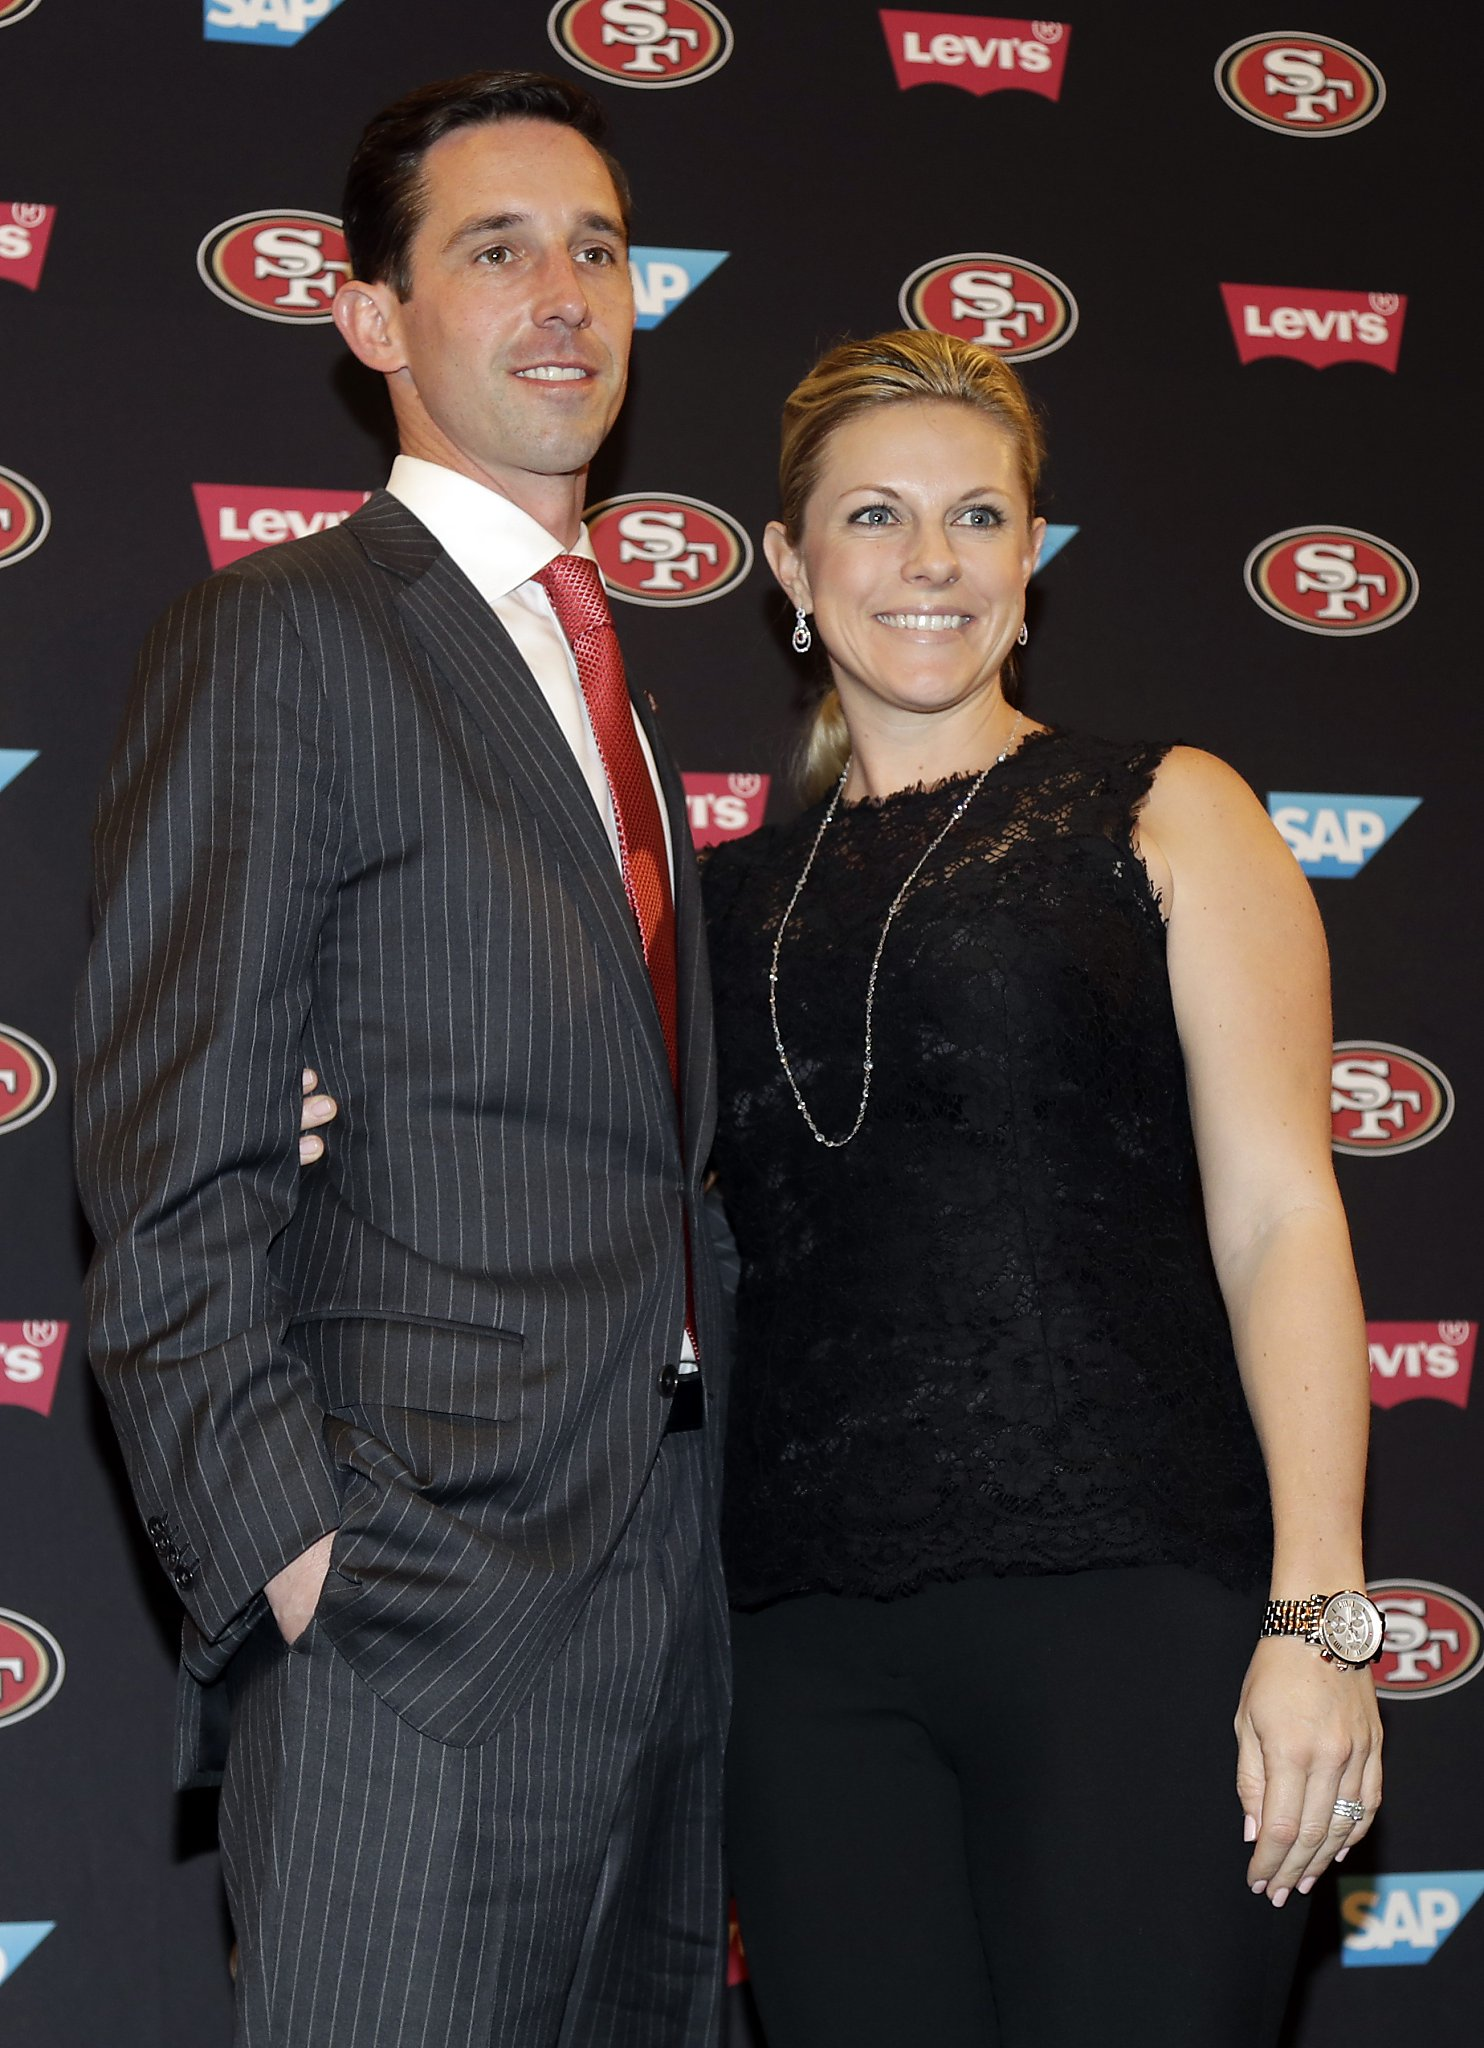 Mandy Shanahan and Kyle Shanahan